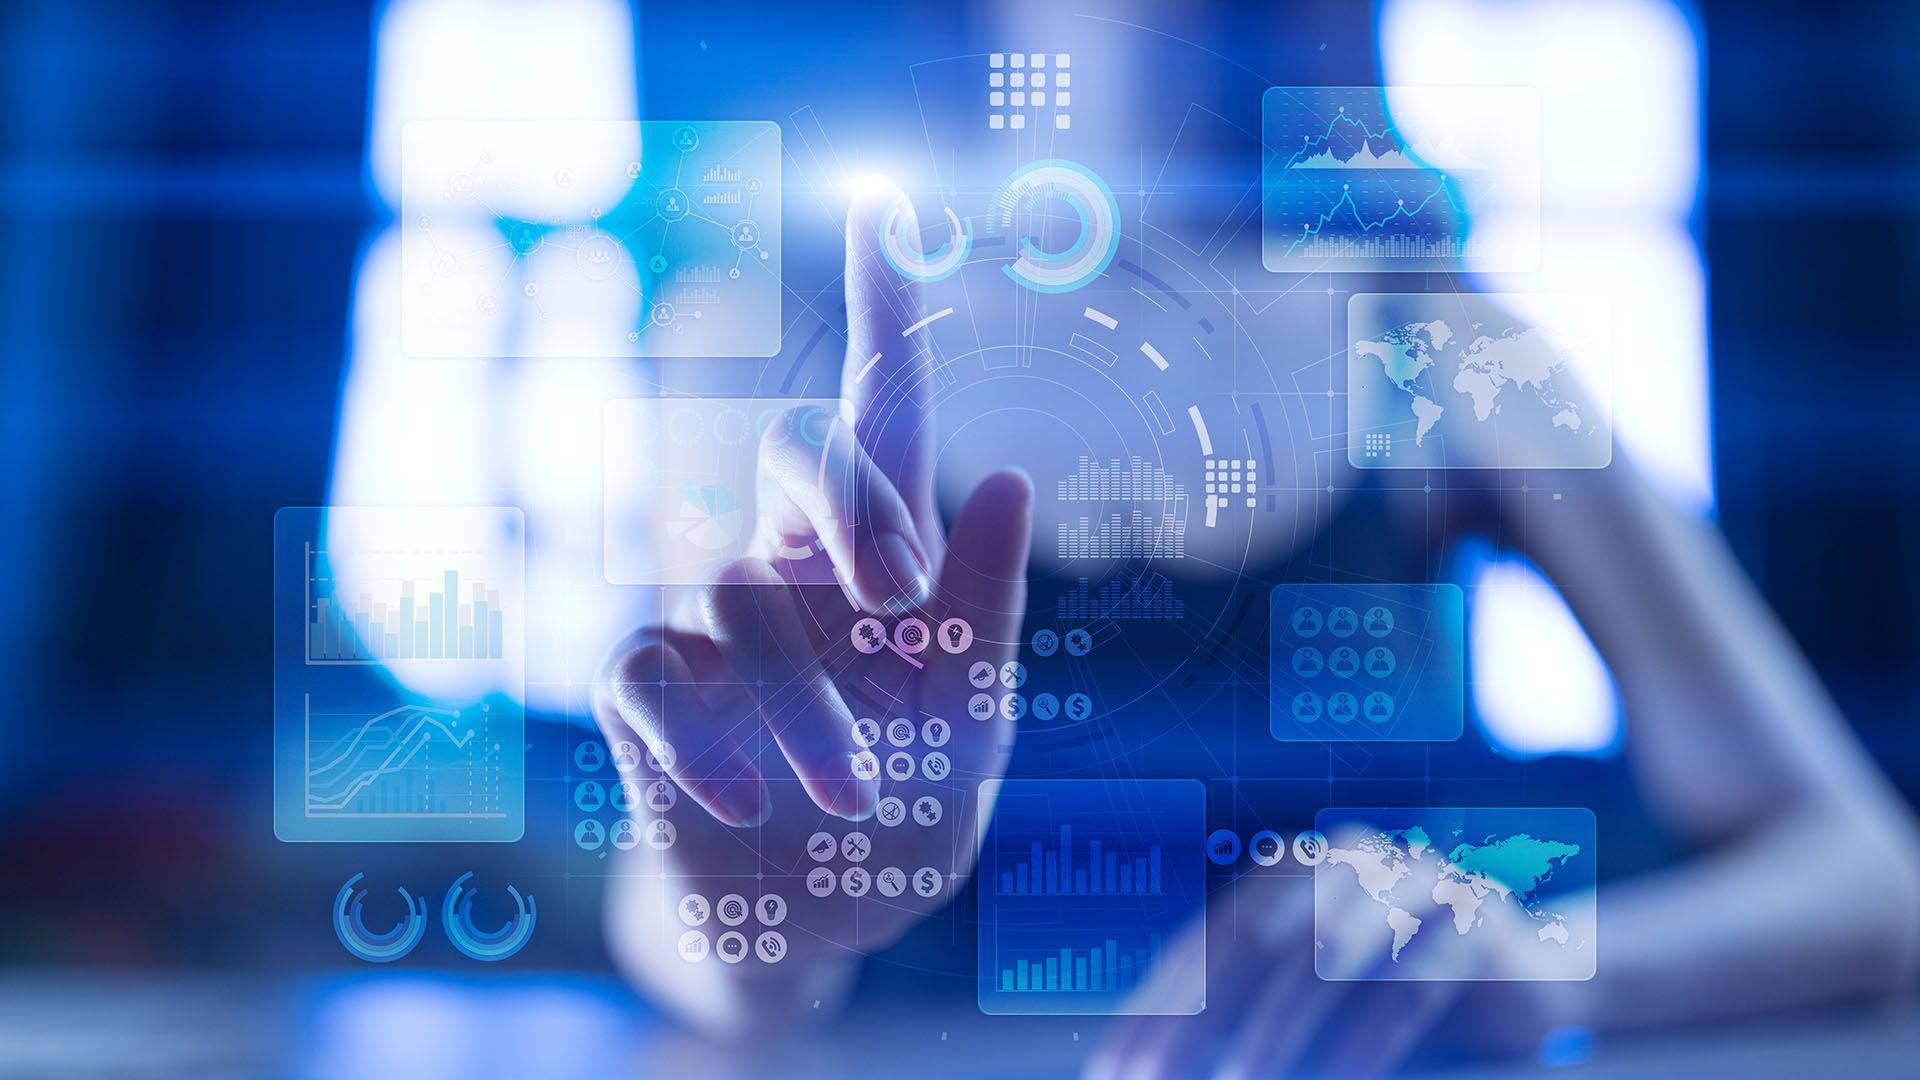 La industria tecnológica necesita expertos en ciencia de datos y desarrolladores (Shutterstock)